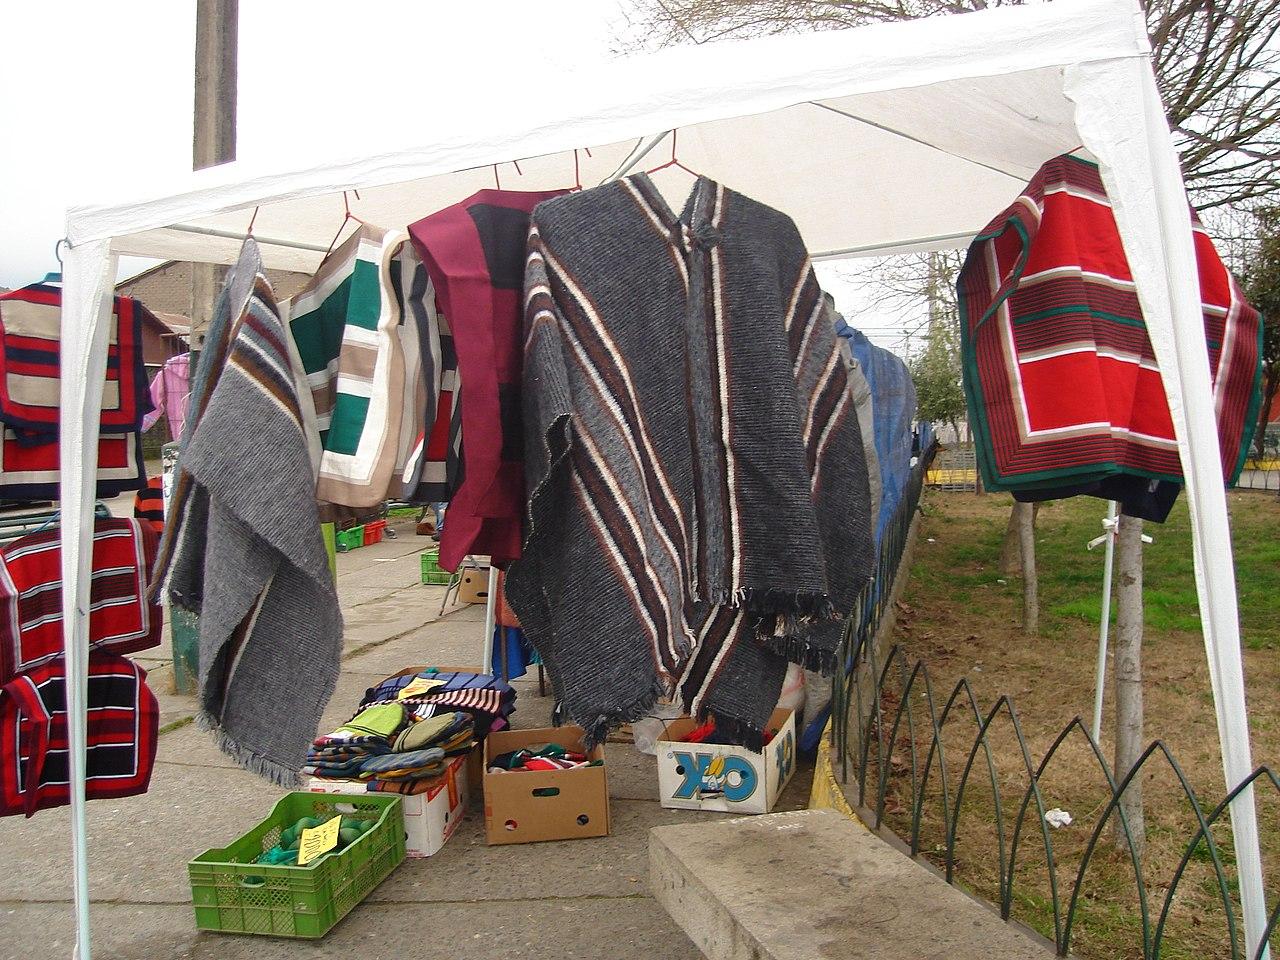 Compras baratas em Santiago do Chile